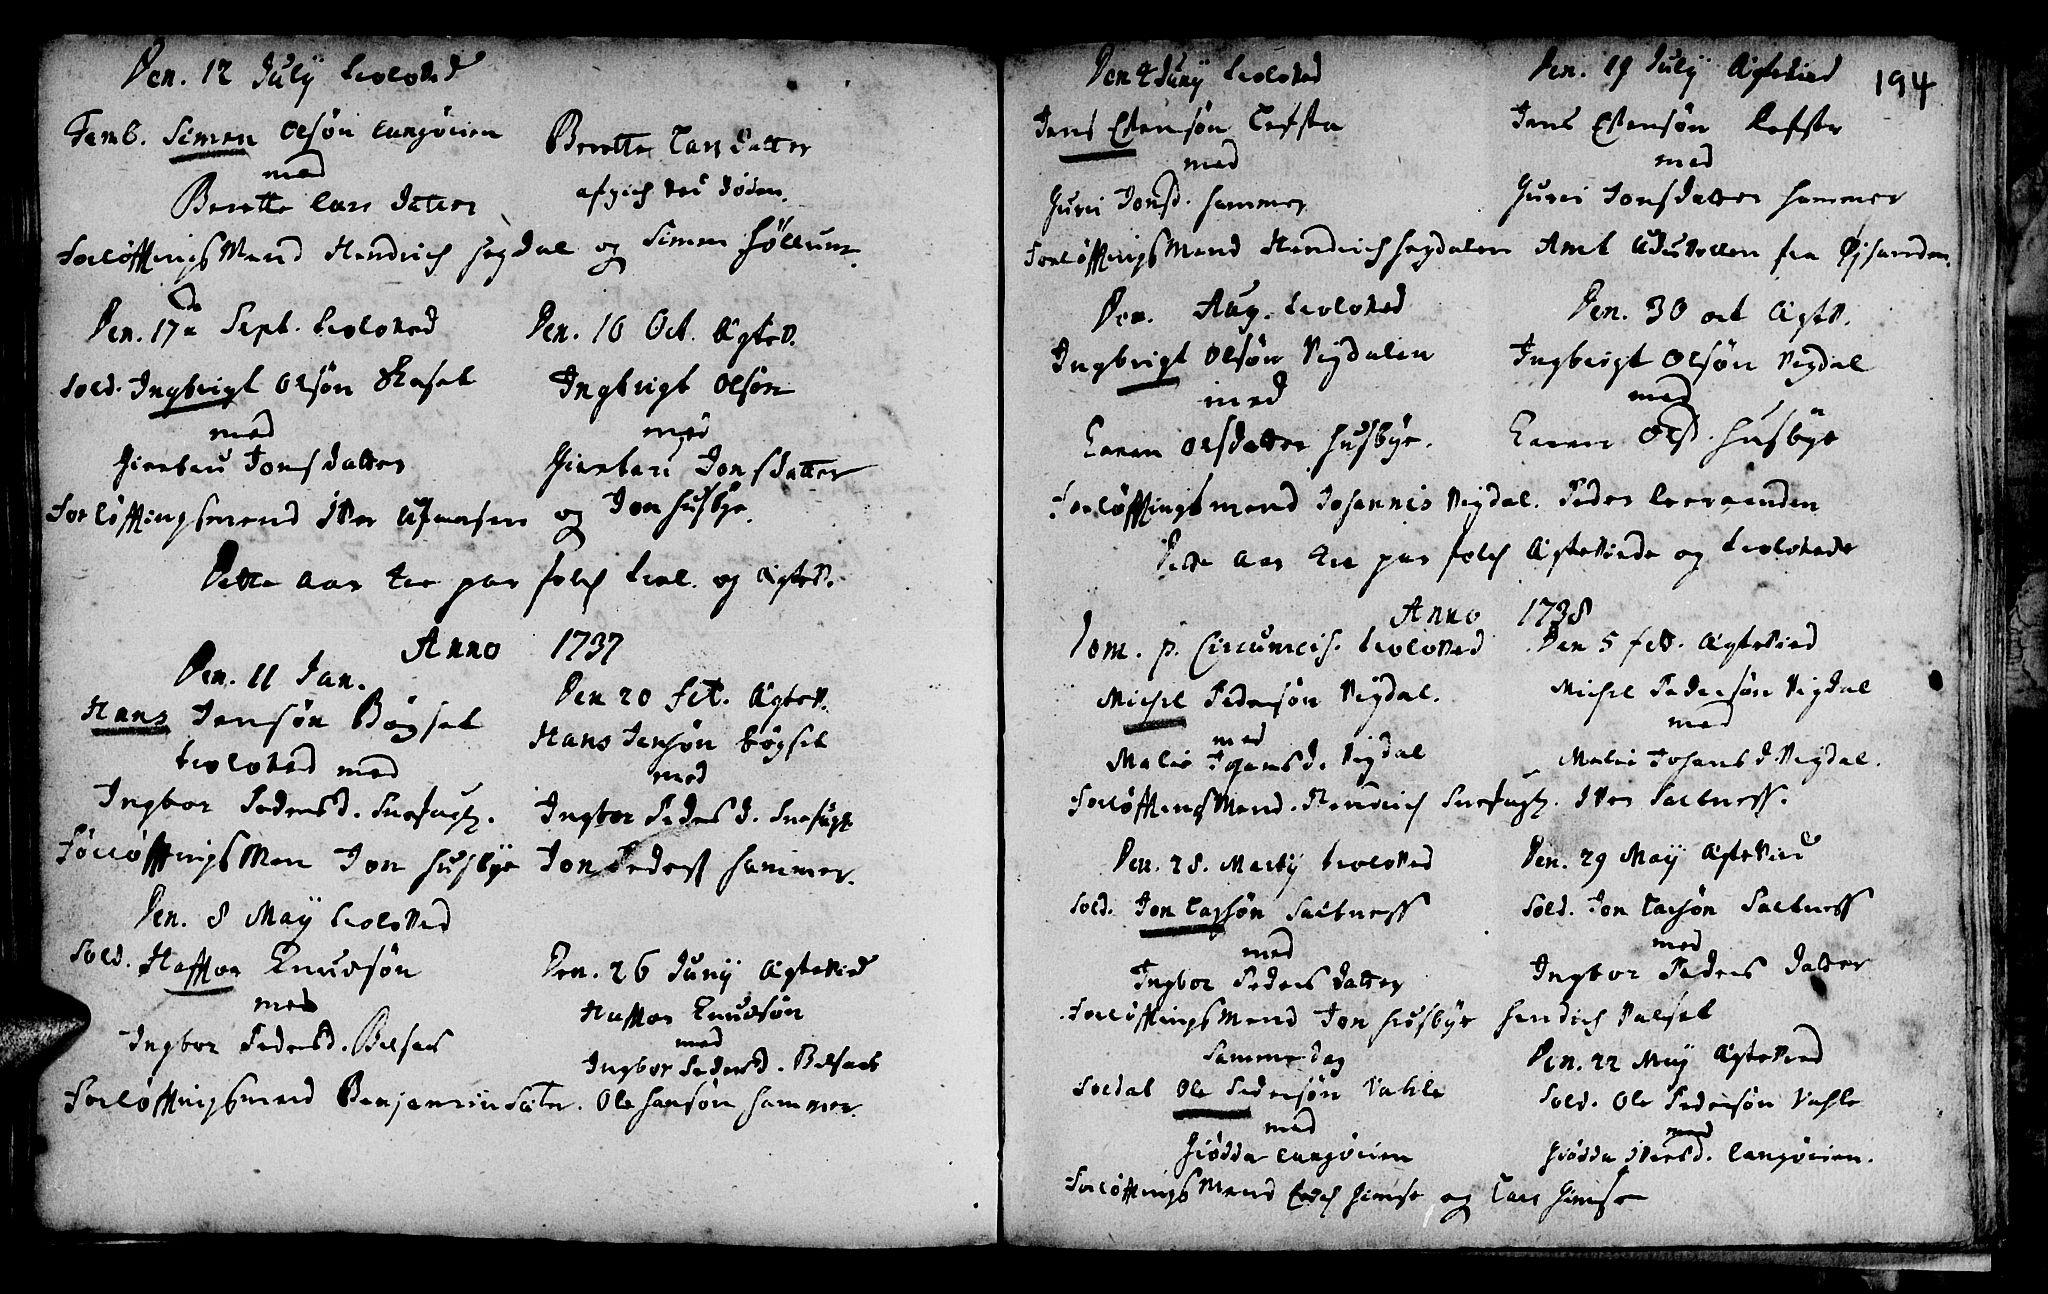 SAT, Ministerialprotokoller, klokkerbøker og fødselsregistre - Sør-Trøndelag, 666/L0783: Ministerialbok nr. 666A01, 1702-1753, s. 194